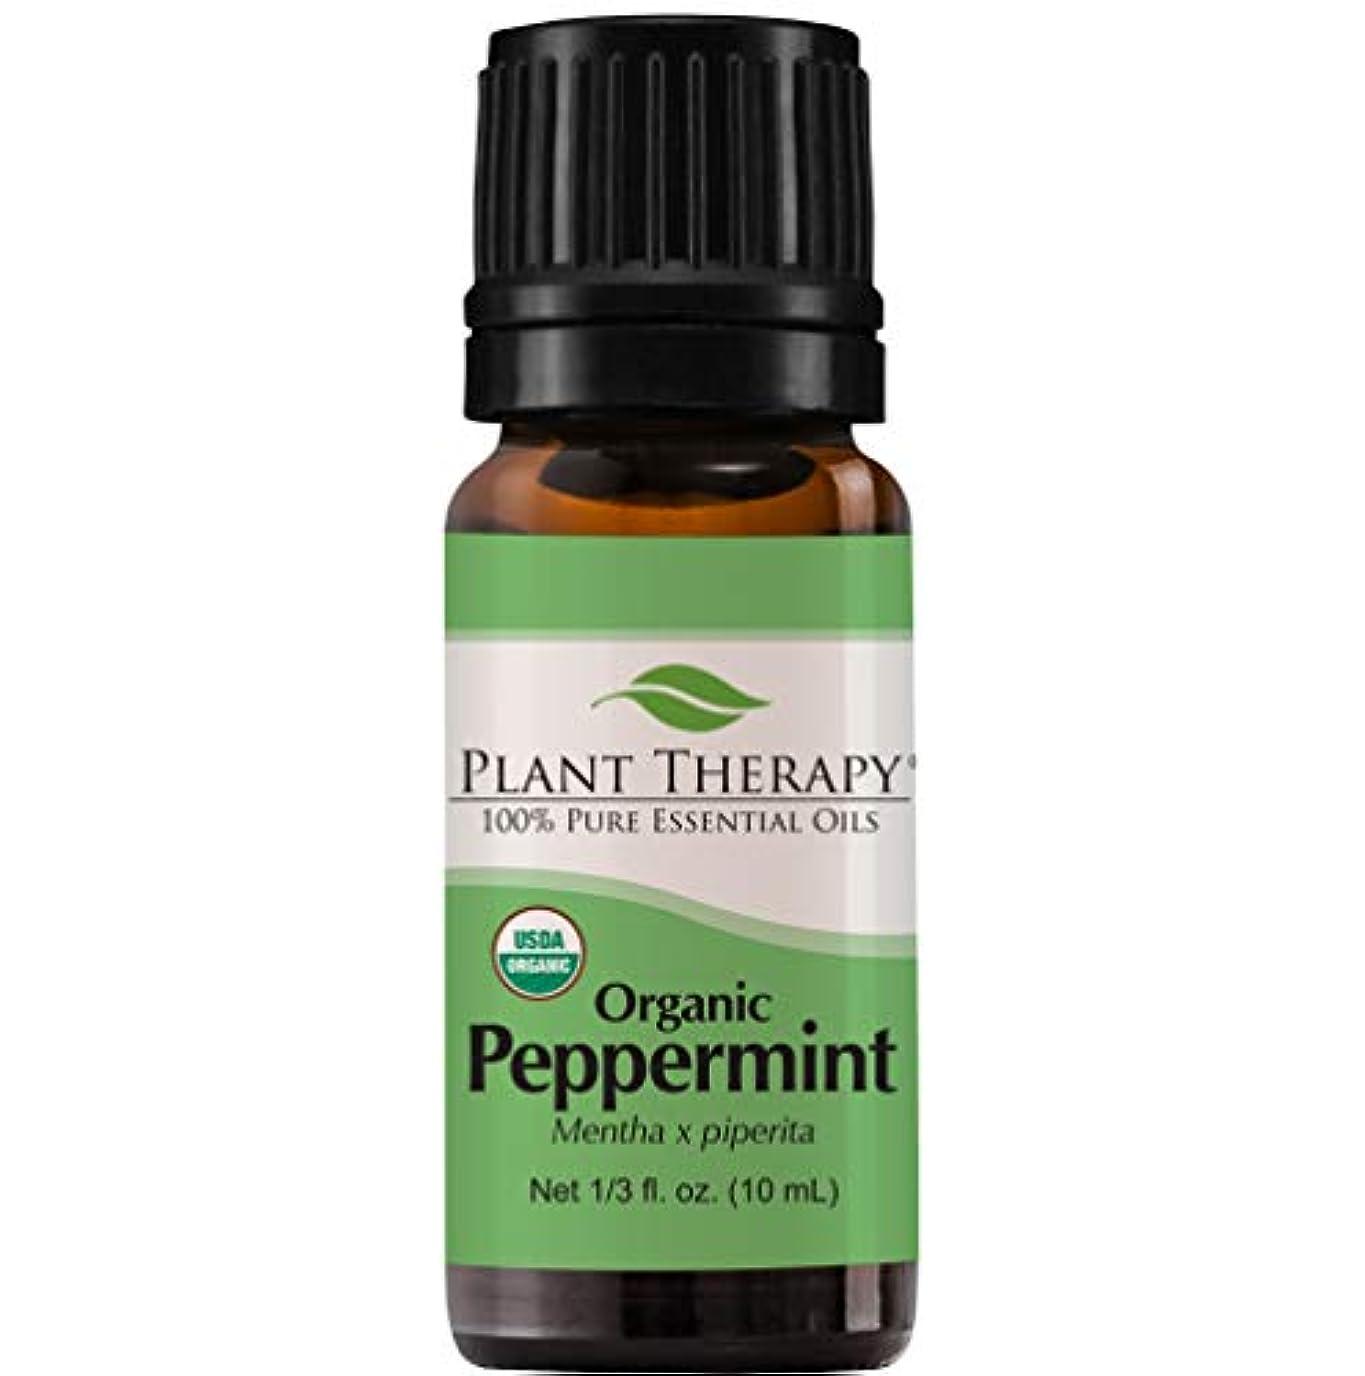 仮称寄生虫常習的Plant Therapy Essential Oils (プラントセラピー エッセンシャルオイル) オーガニック ペパーミント エッセンシャルオイル